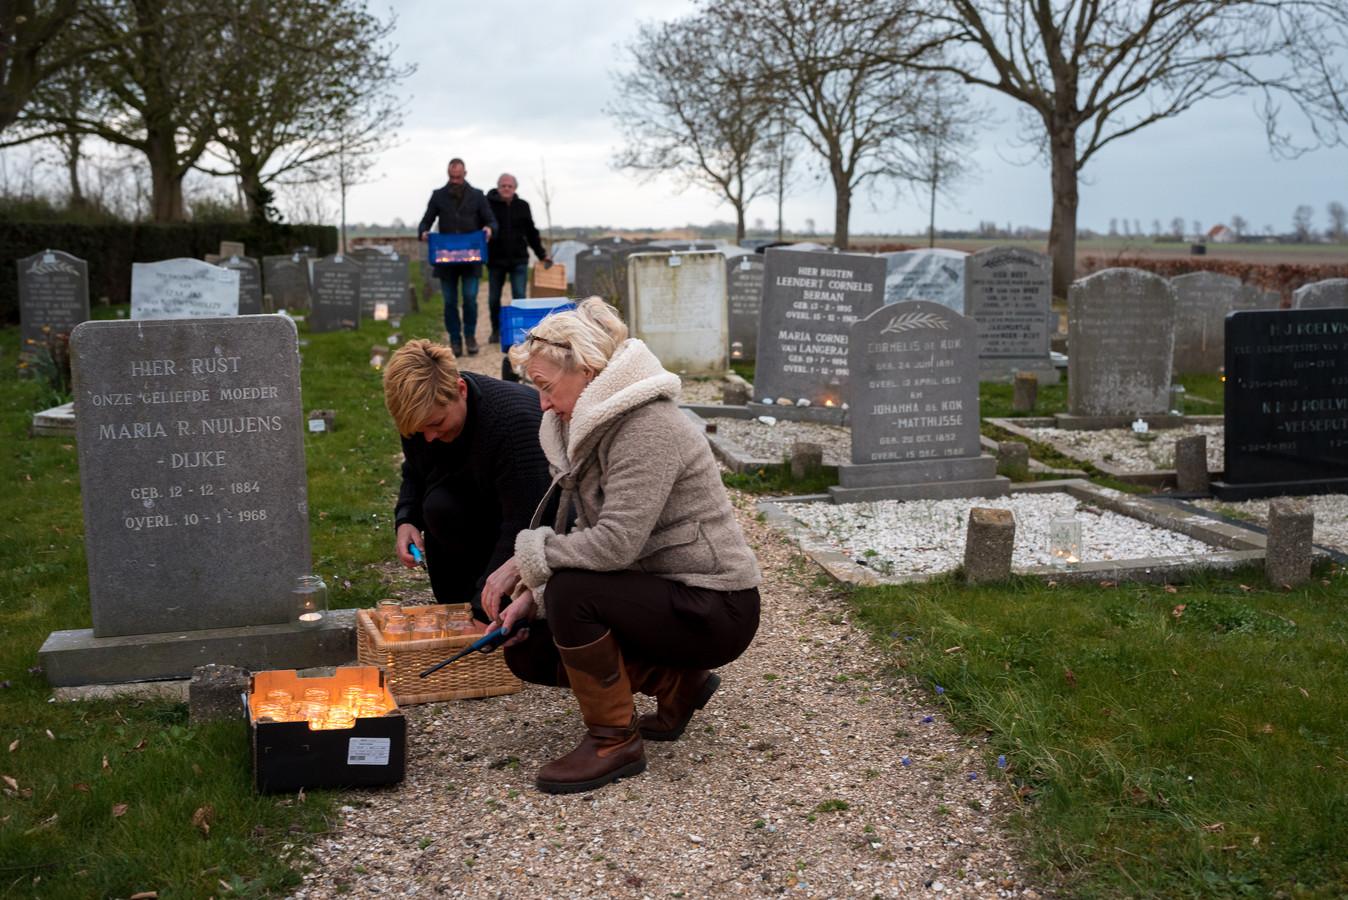 Dorpsgenoten hebben meegeholpen met het verzamelen van de ruim 700 potjes. Op Stille Zaterdag brandt er bij elk graf een kaarsje.